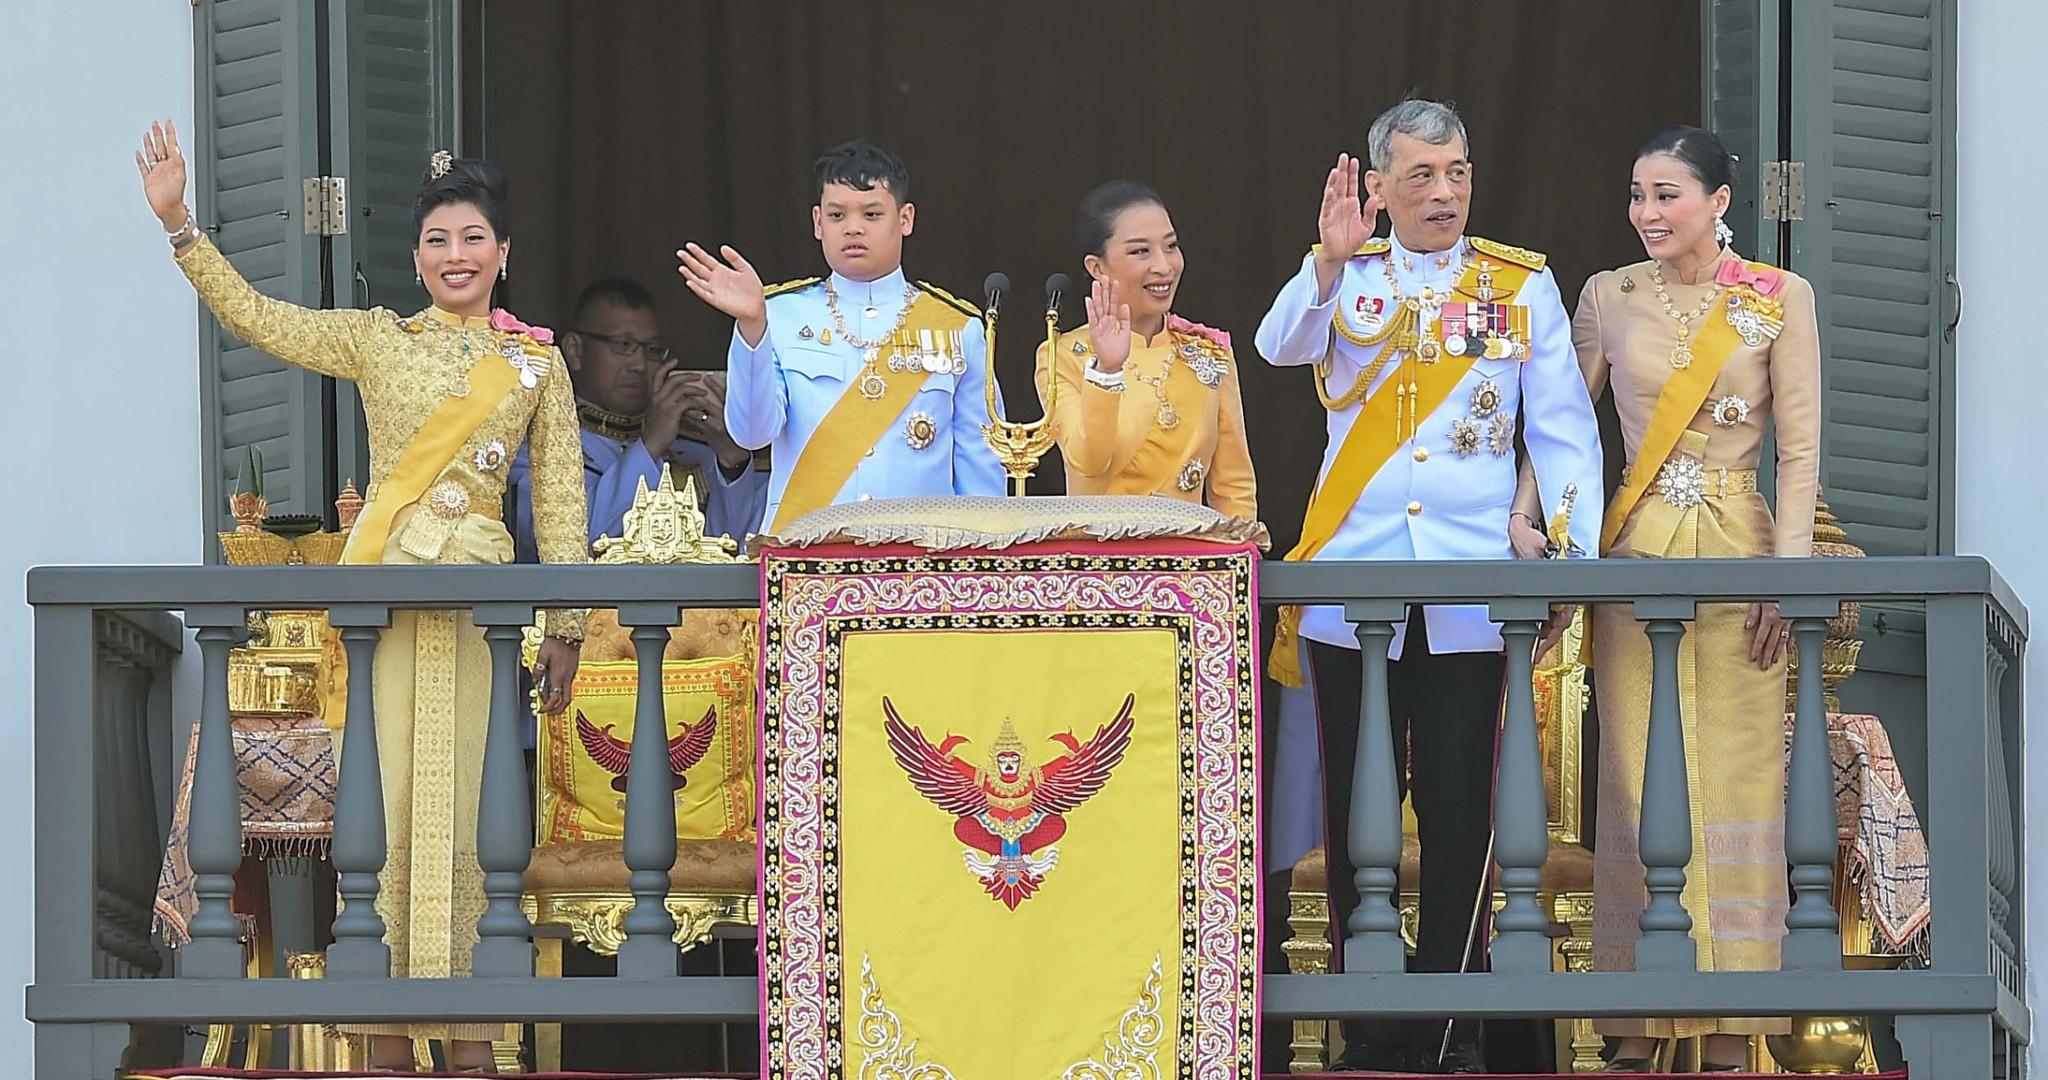 พระราชพิธีบรมราชาภิเษก รัชกาลที่10